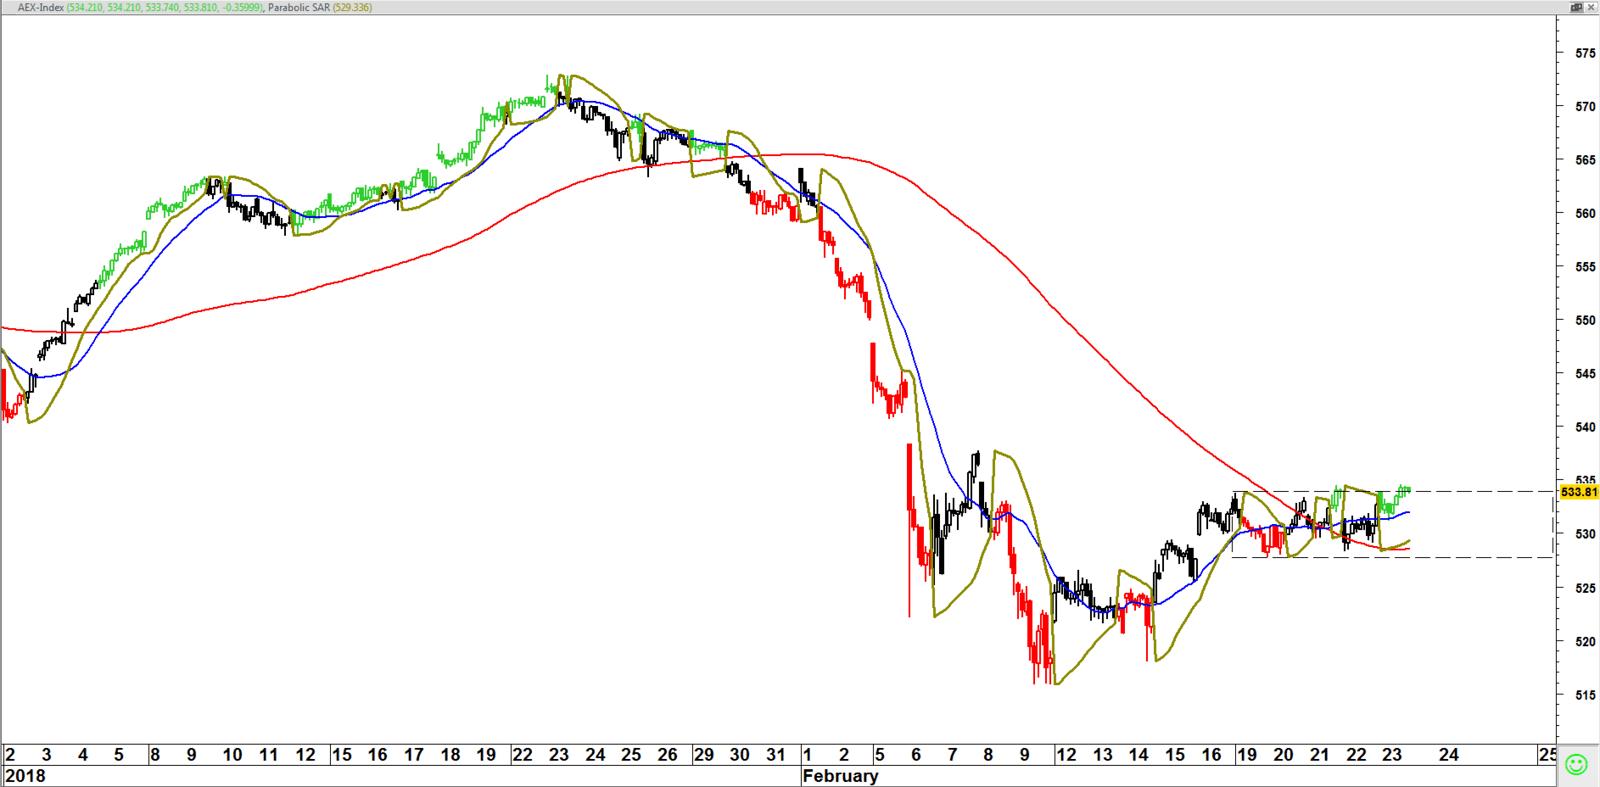 AEX index op uurbasis 22 februari